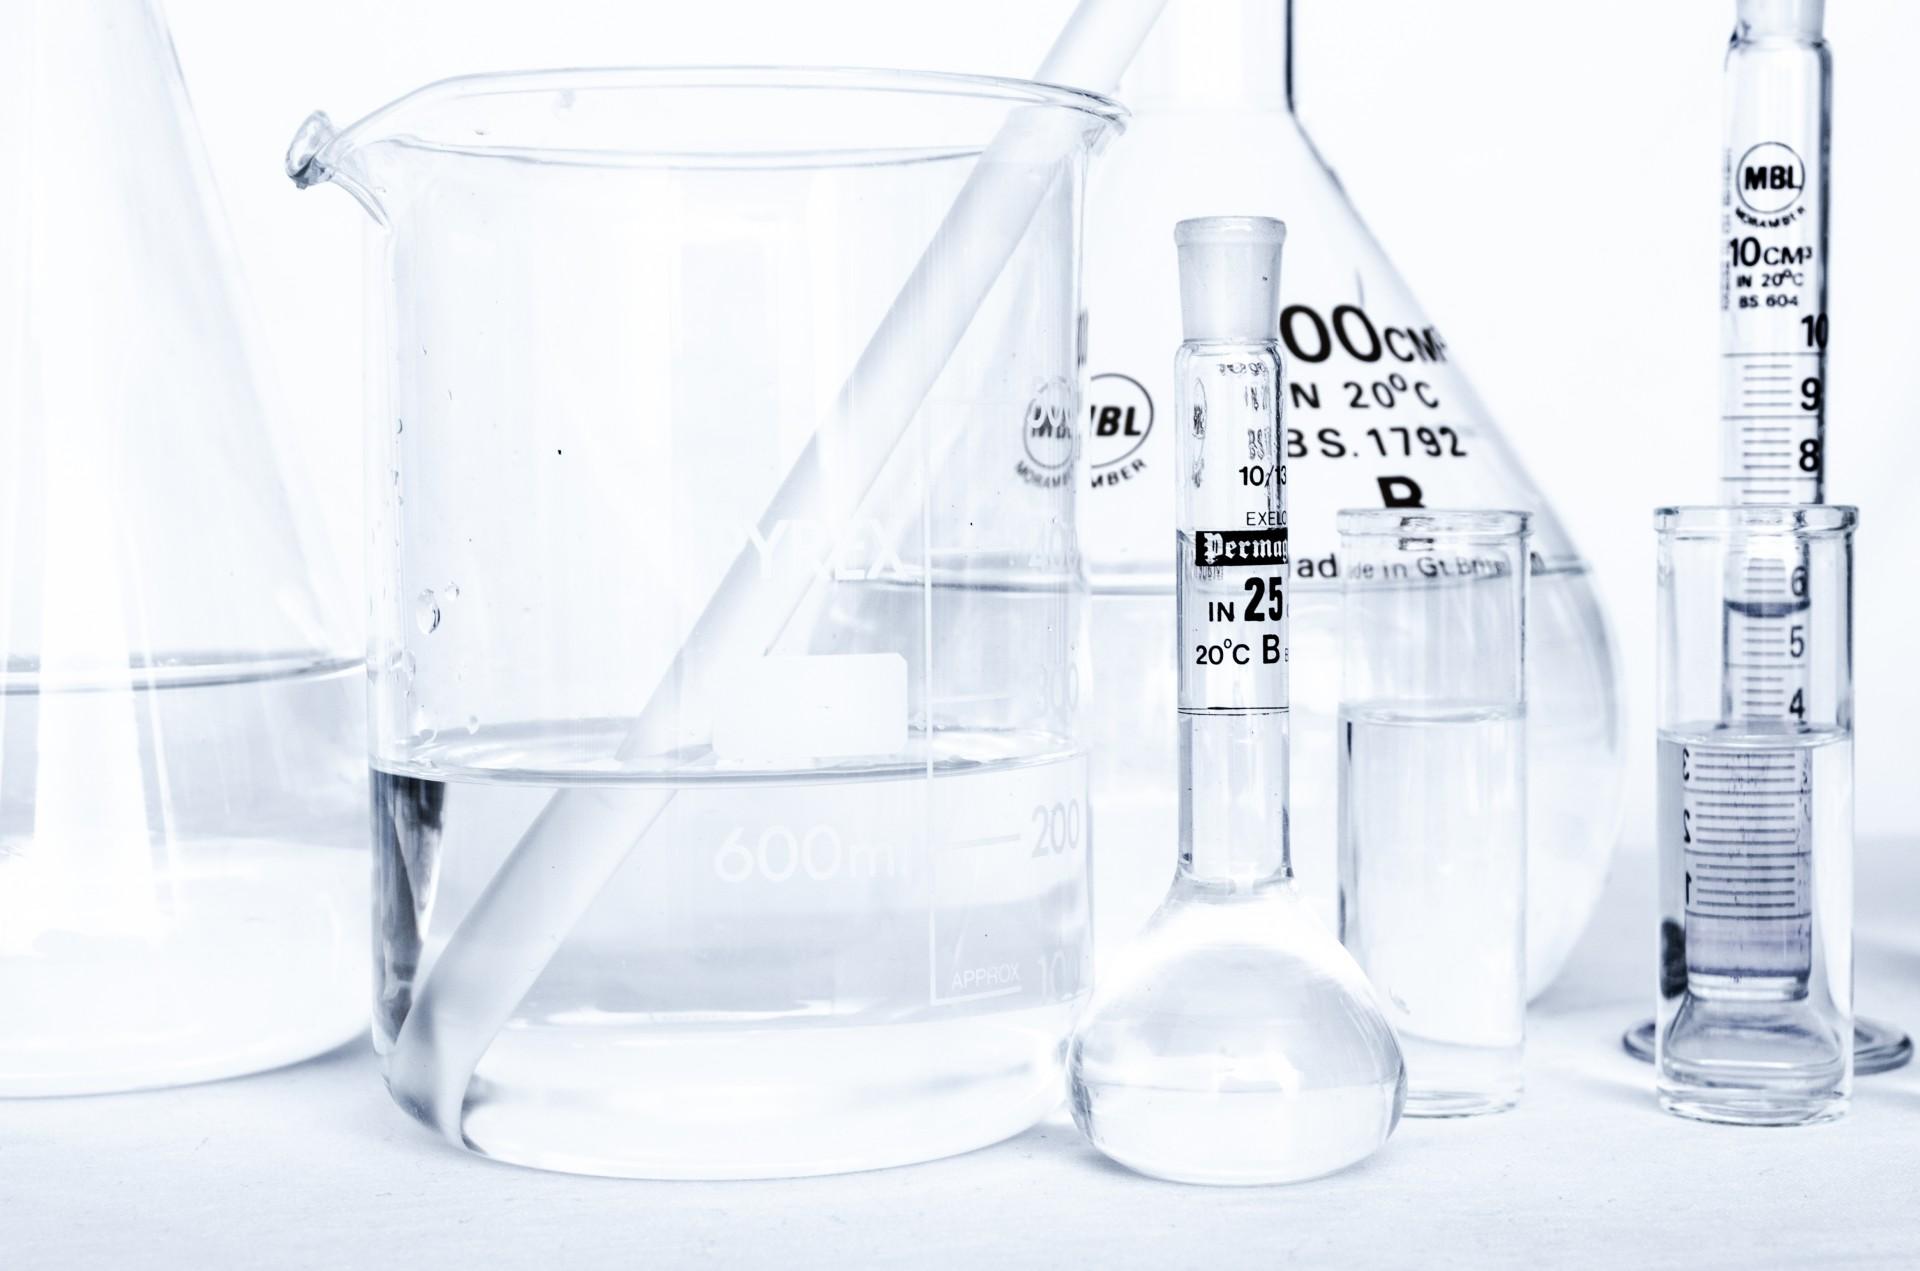 連載「ドラッグ・ウオッチング~確かなデータに基づく薬のエビデンス~」Vol.4-「オプジーボの高額薬価設定はなぜ?」